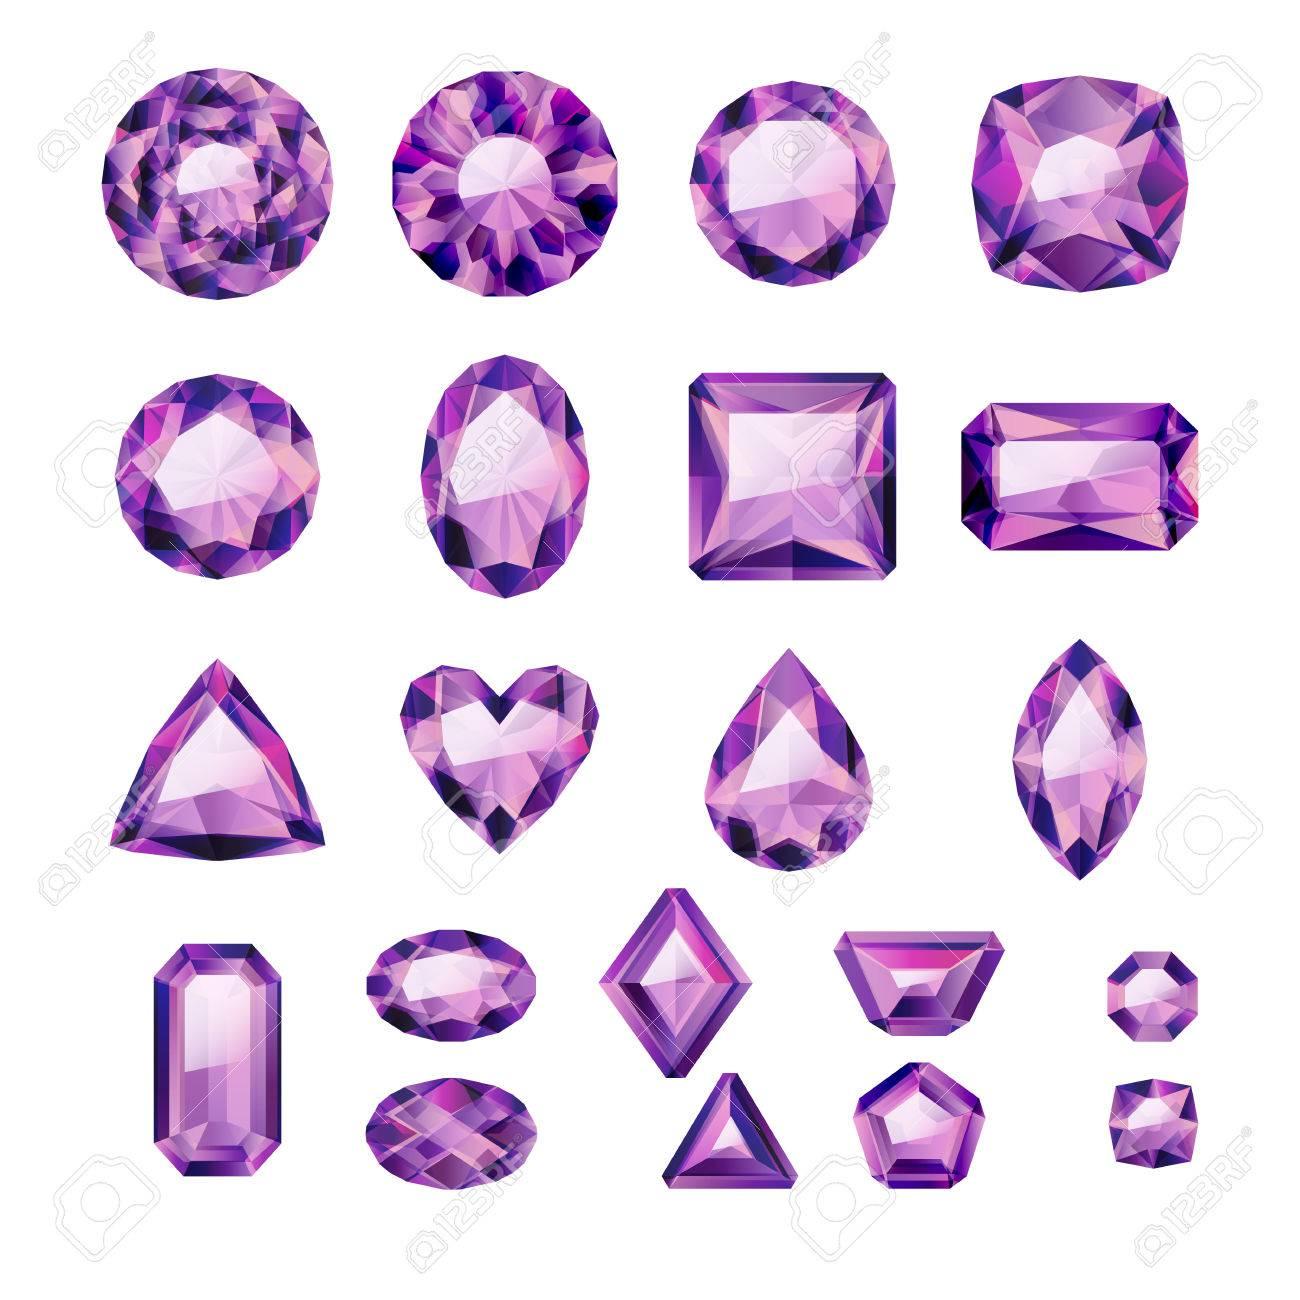 d829d126ede1 Conjunto de joyas de color púrpura realistas. piedras preciosas de colores.  Amatistas aislados sobre fondo blanco.